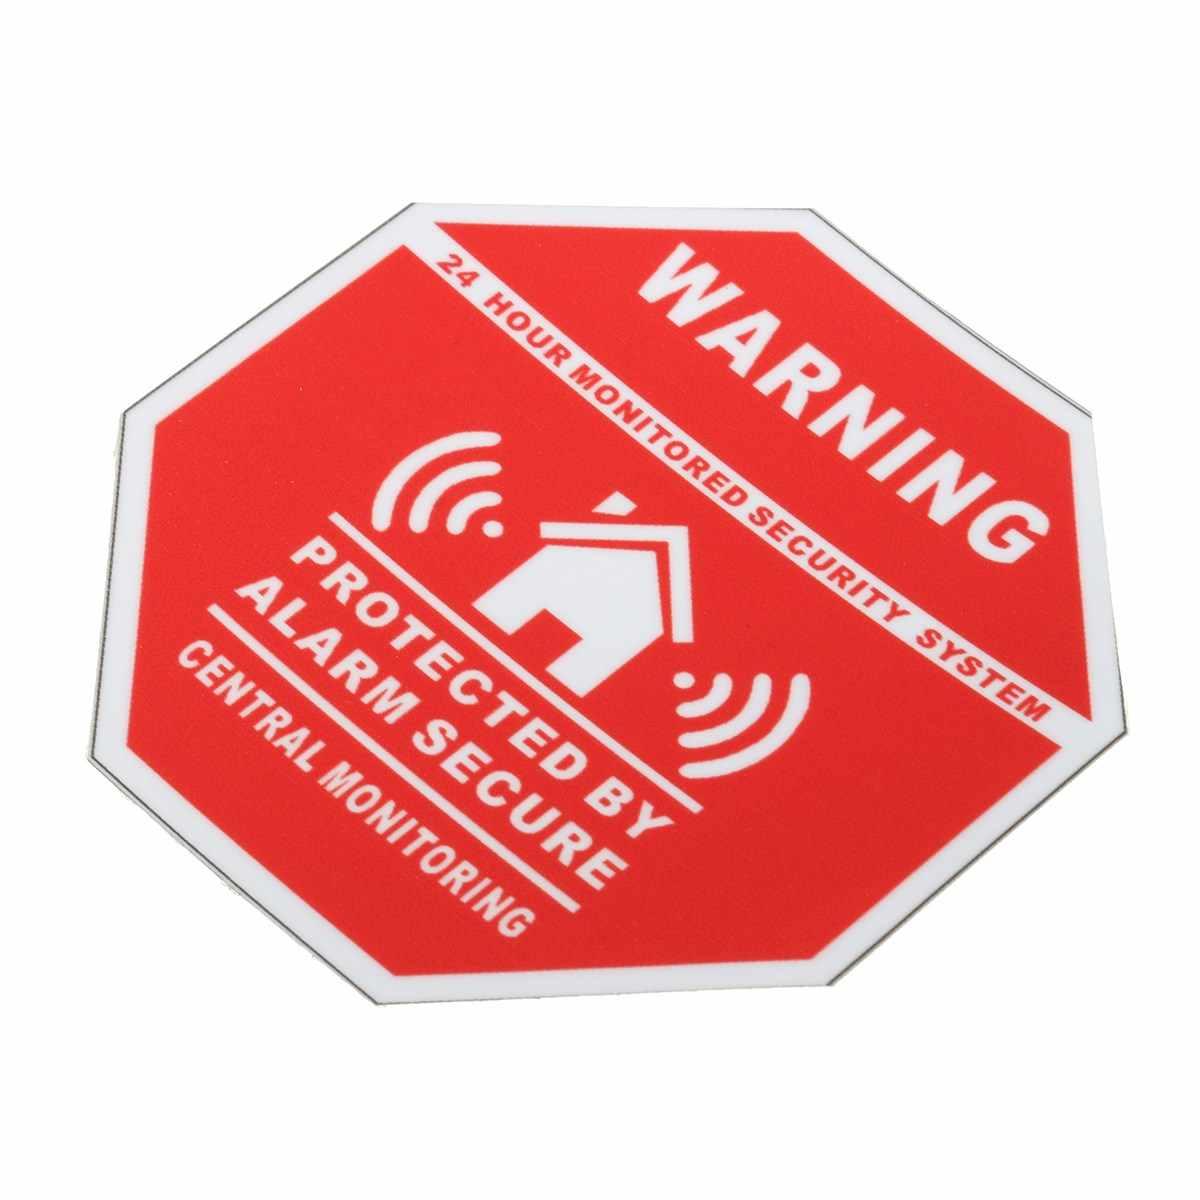 5 piezas de la Casa Hogar de alarma de seguridad de pegatinas/calcomanías signos para puertas y ventanas nuevo